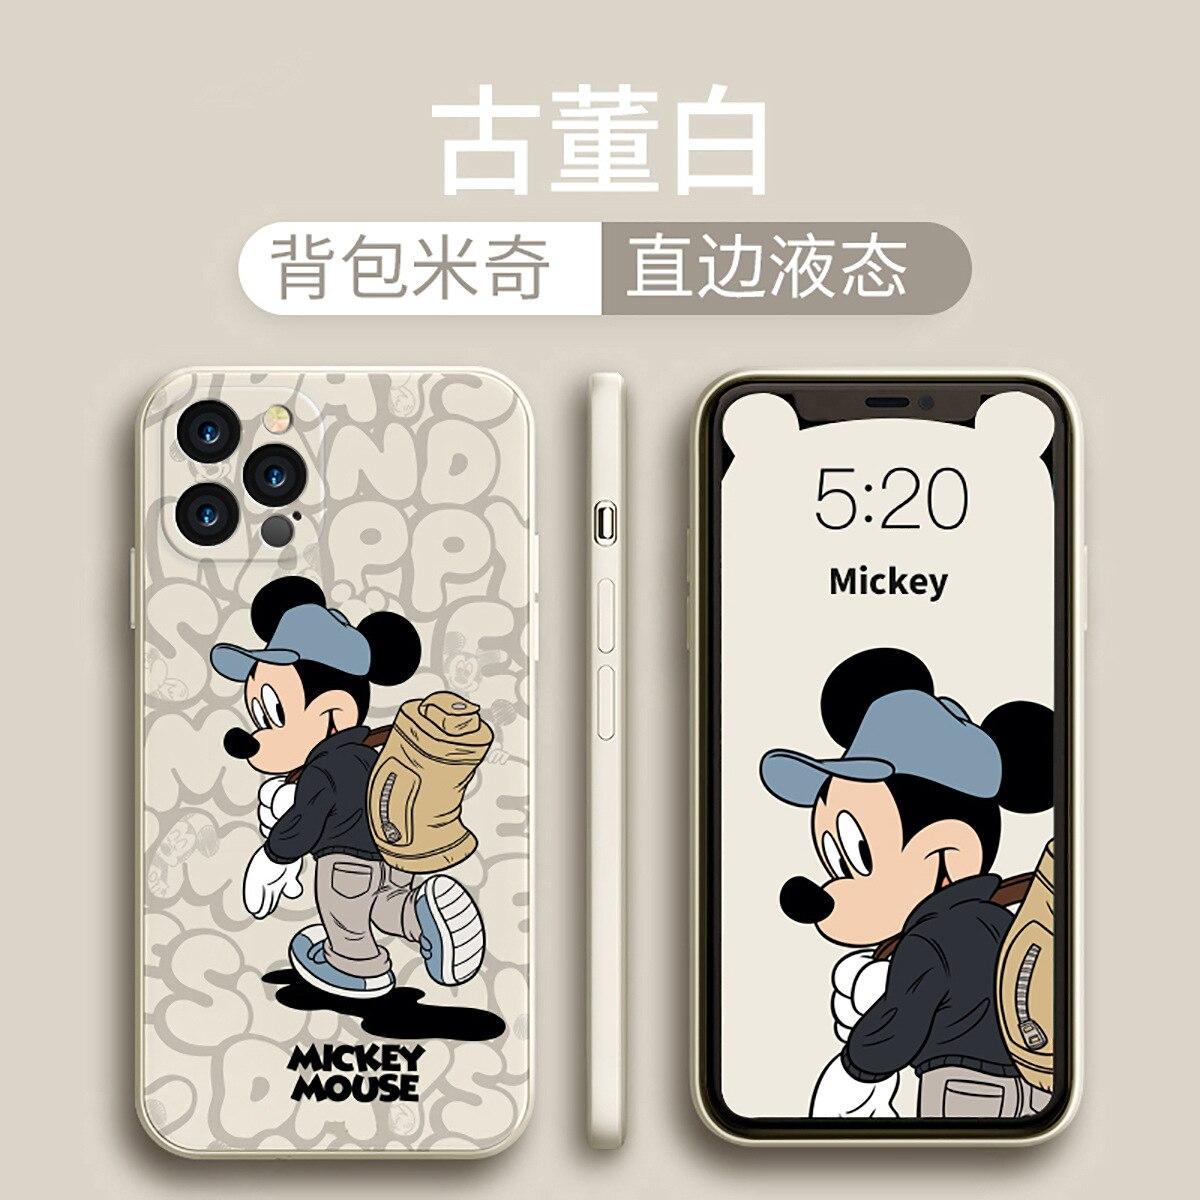 2021 disney mickey minnie para iphone 6/7 plus xr xs max 11/12pro max 12mini caso de telefone casal menina kawayi